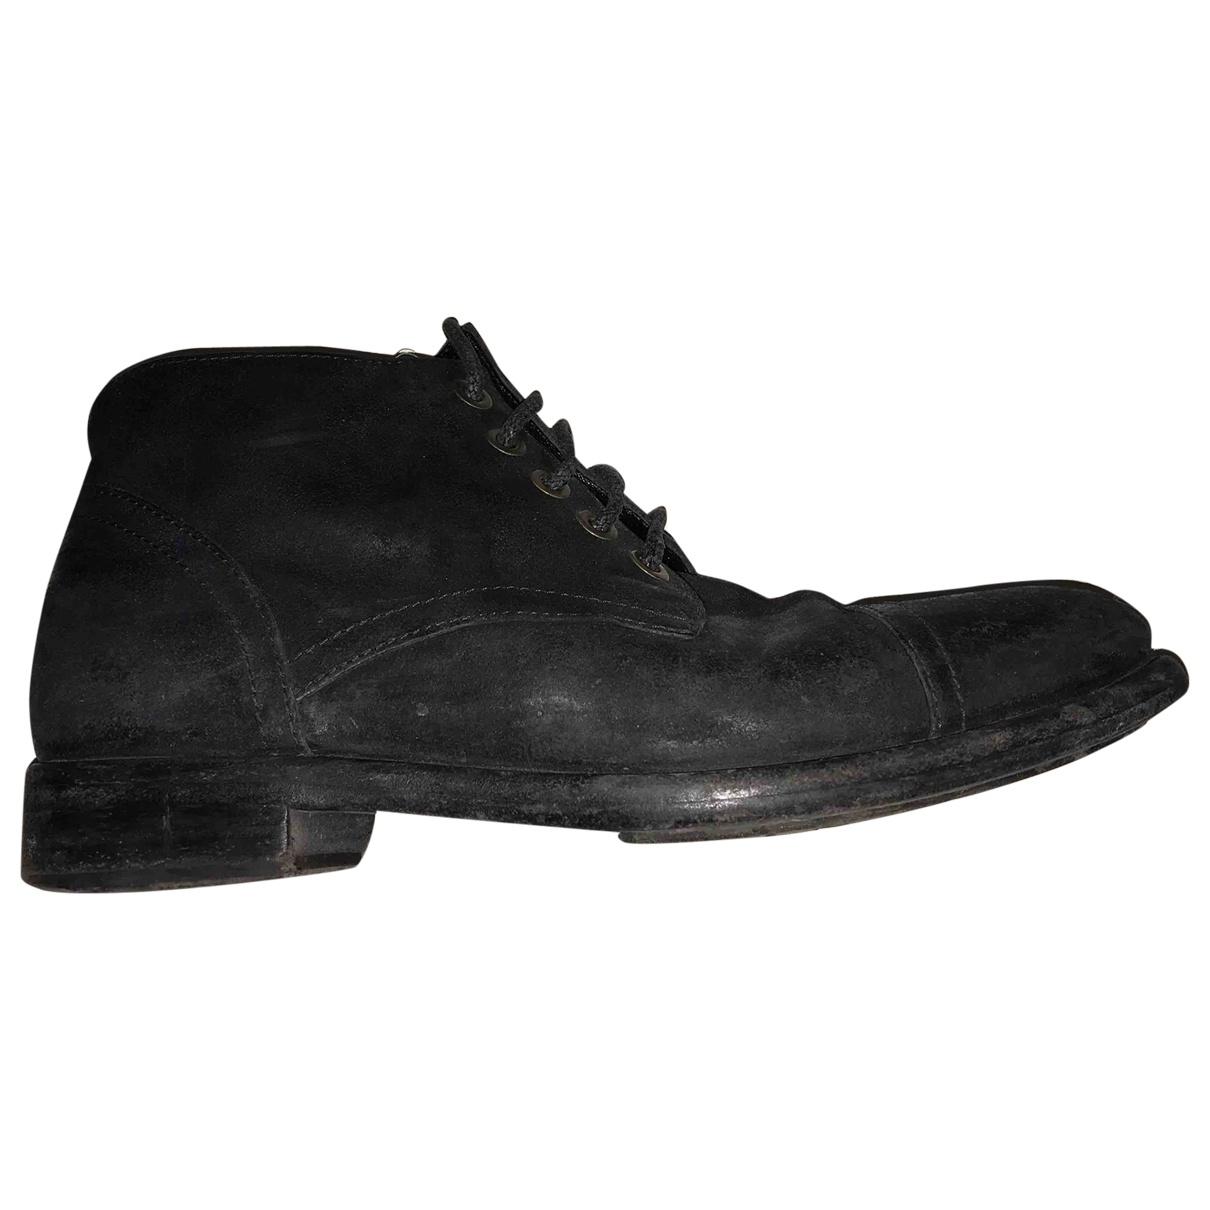 Dolce & Gabbana - Bottes.Boots   pour homme en suede - noir